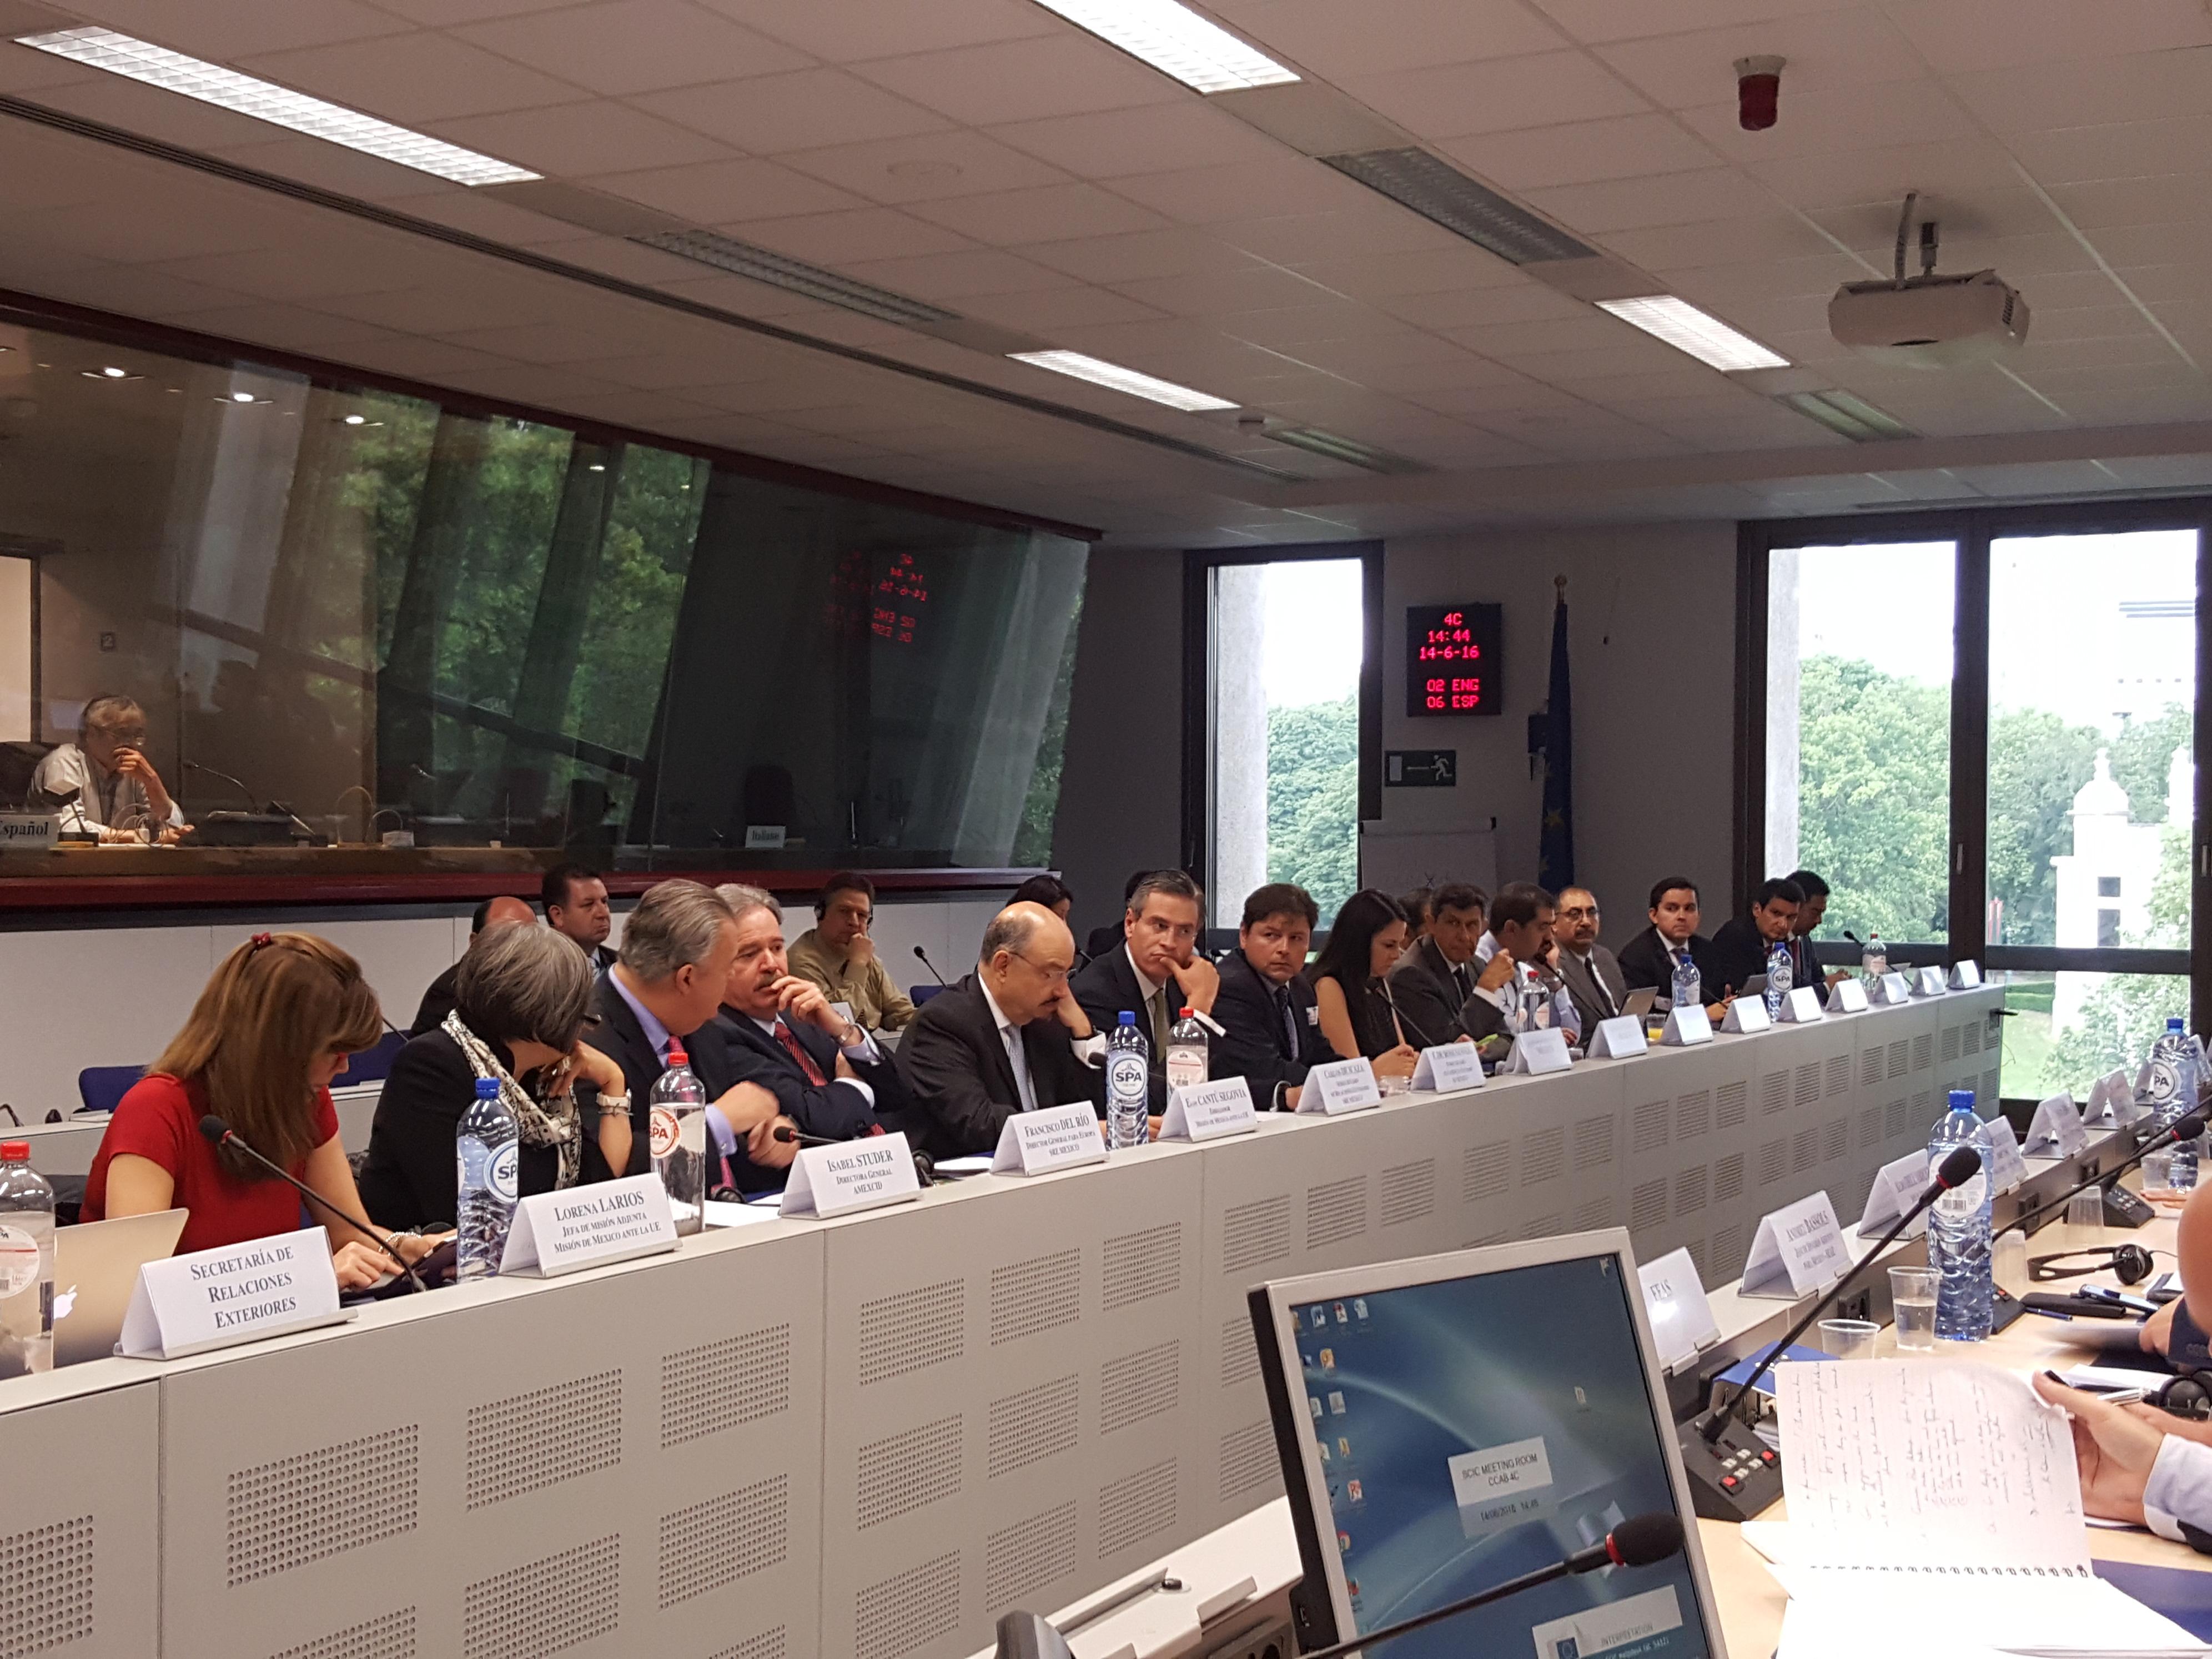 Se reunieron en Bruselas delegaciones de México y de la Unión Europea para la primera ronda de negociaciones con el fin de actualizar el Acuerdo de Asociación Económica, Concertación Política y Cooperación